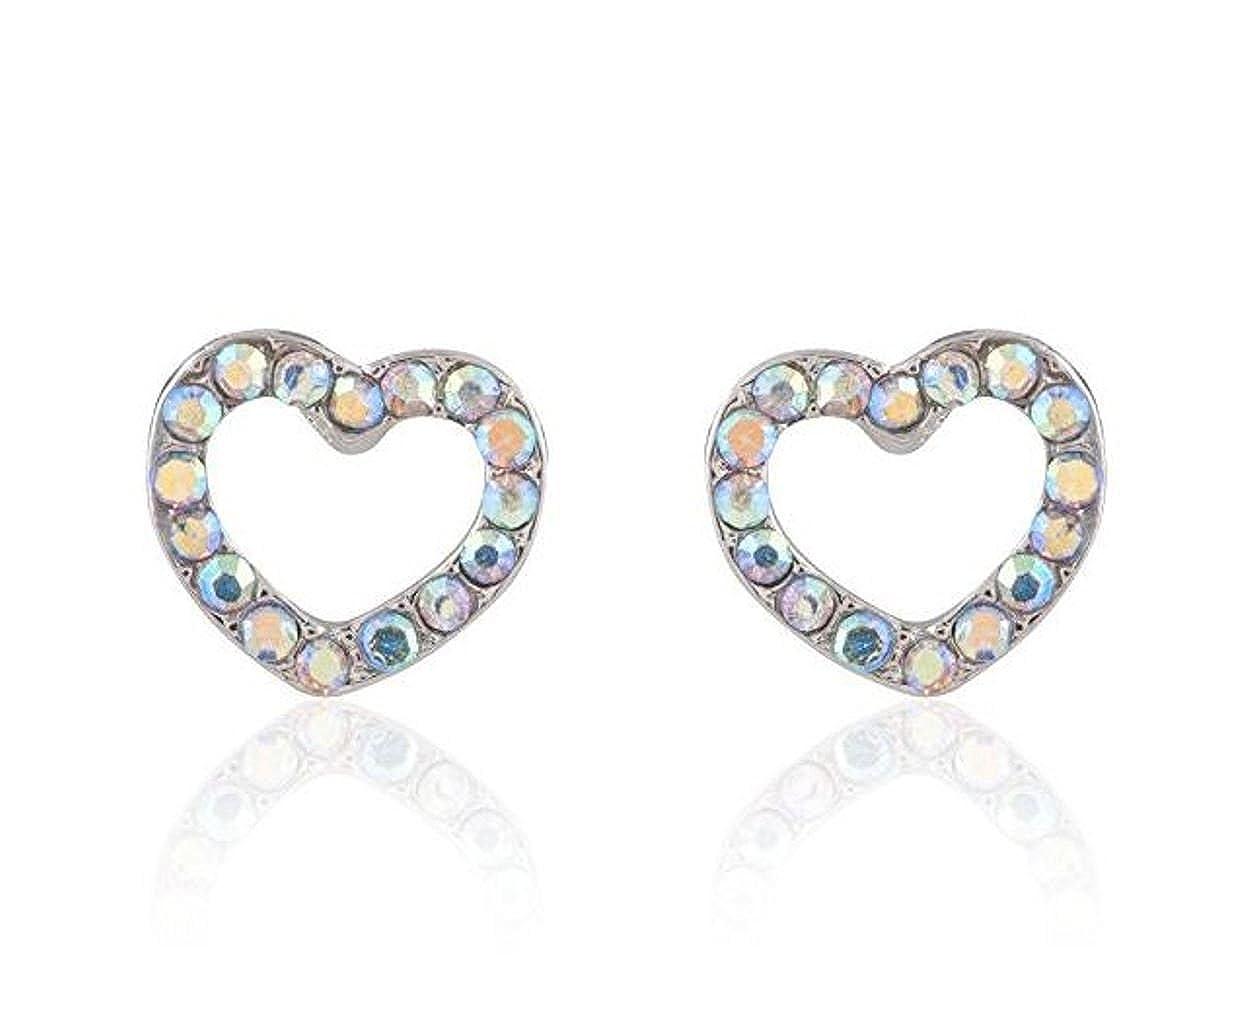 Surgical Stainless Steel Studs Earrings Little Girl Women Heart Shape Cubic Zirconia Hypoallergenic Earrings